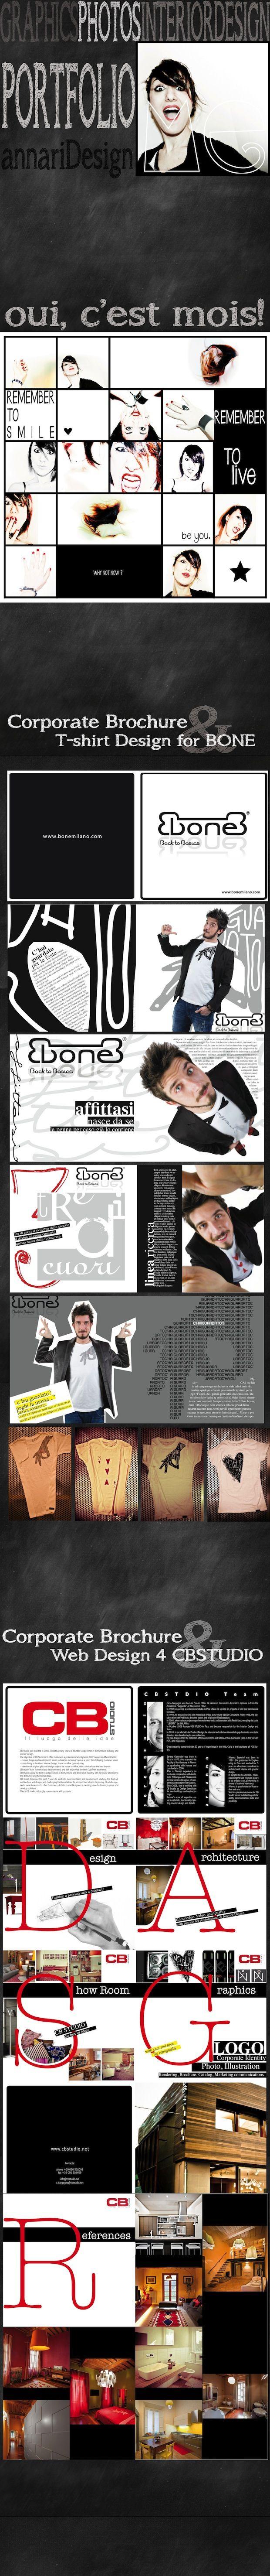 one Graphic design Brochure Identity Paolo Ruffini